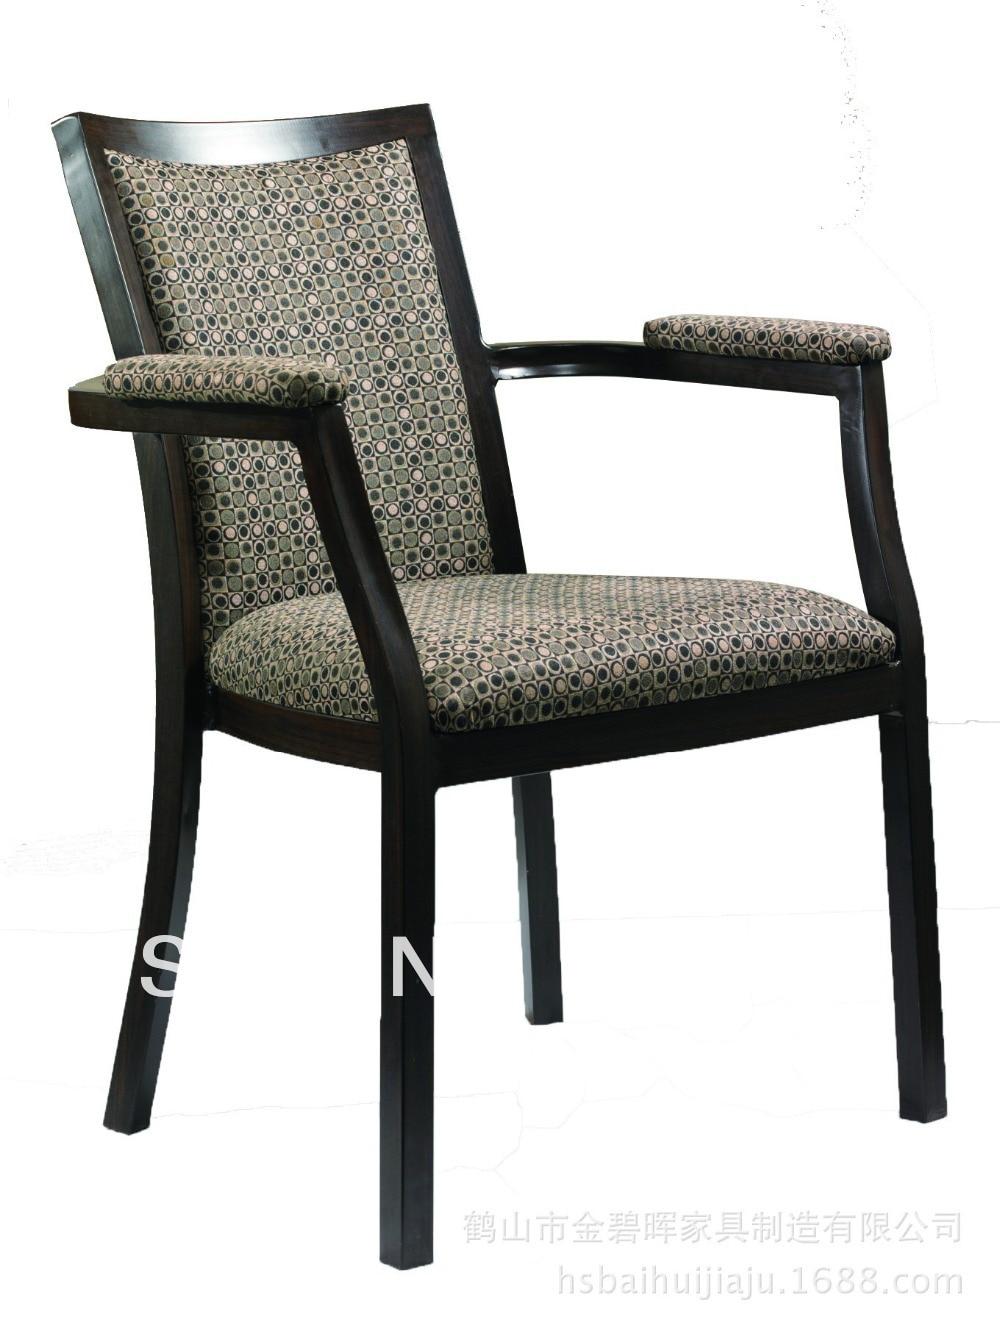 تكويم الخشب تقليد الألومنيوم مأدبة كرسي ، الثقيلة النسيج مع مقاومة فرك عالية ، مريحة